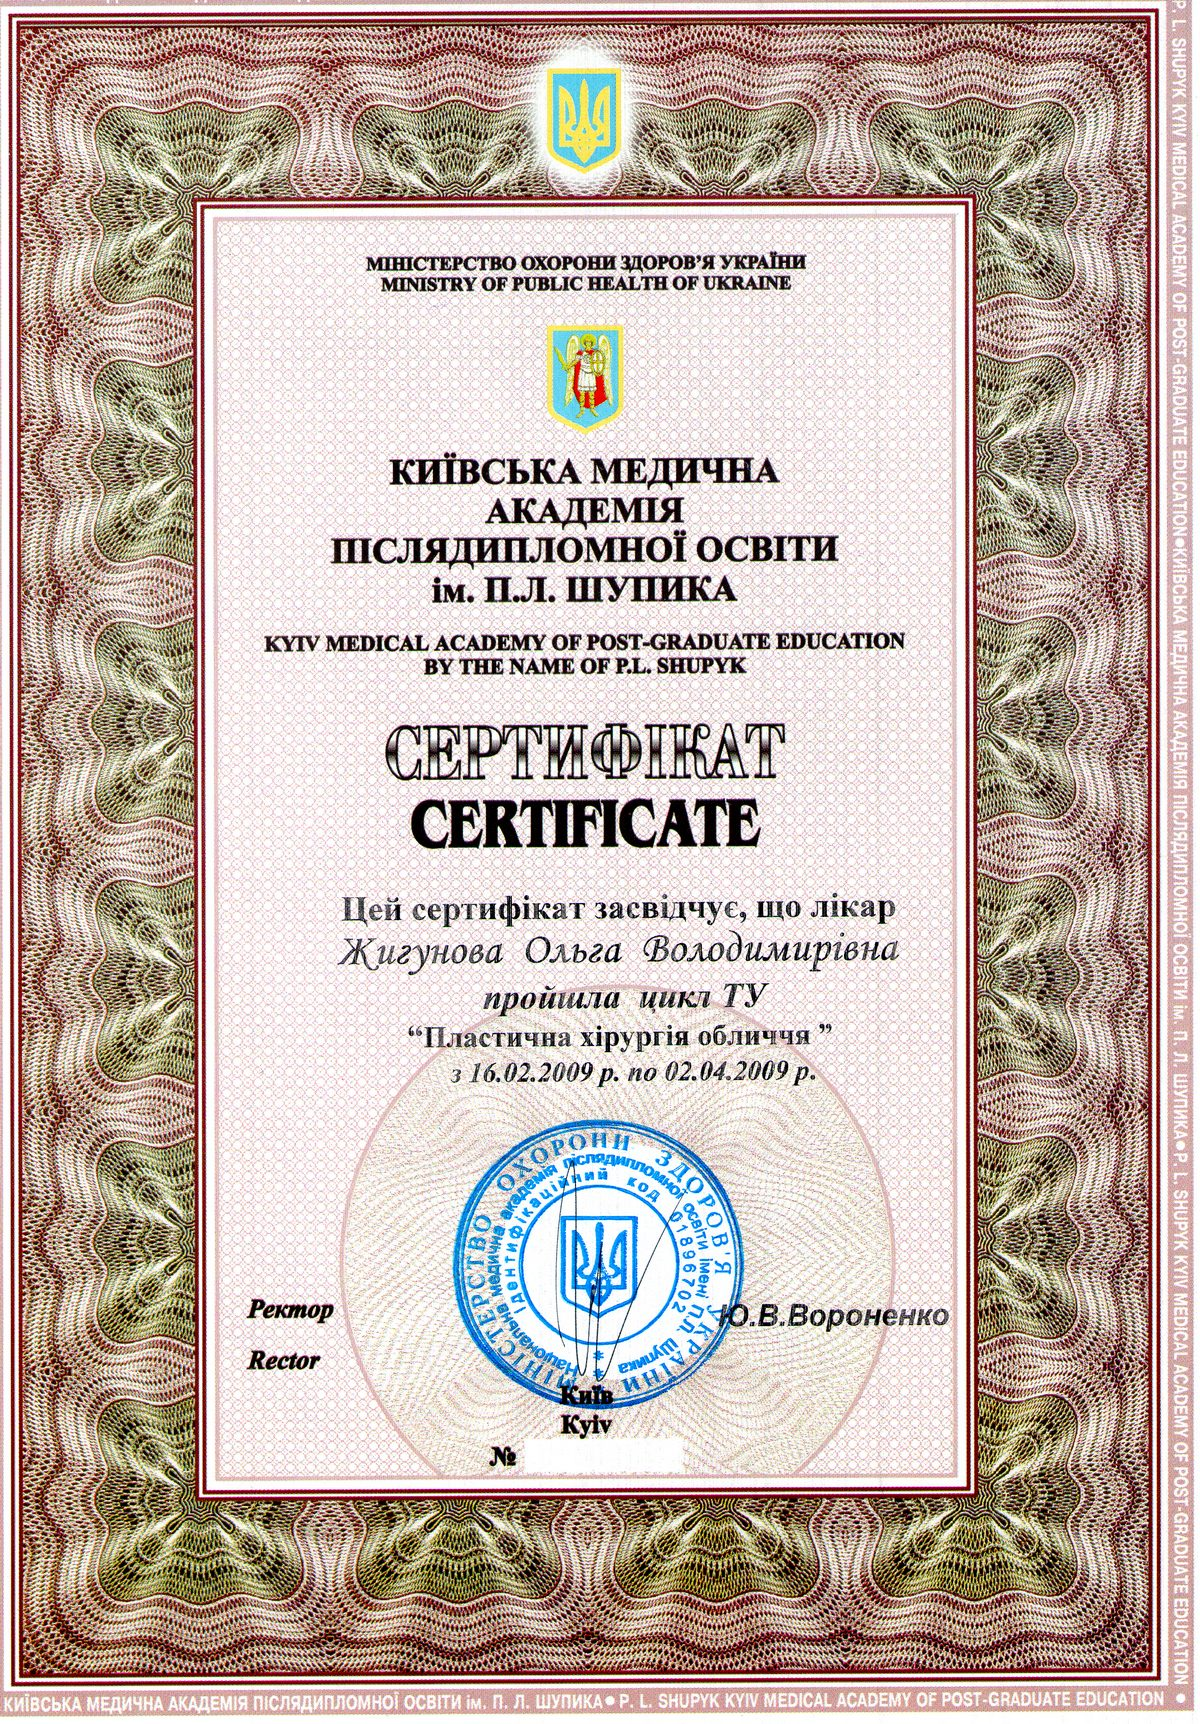 Документ №:10 Сертификат пластического хирурга Жигуновой Ольги Владимировны